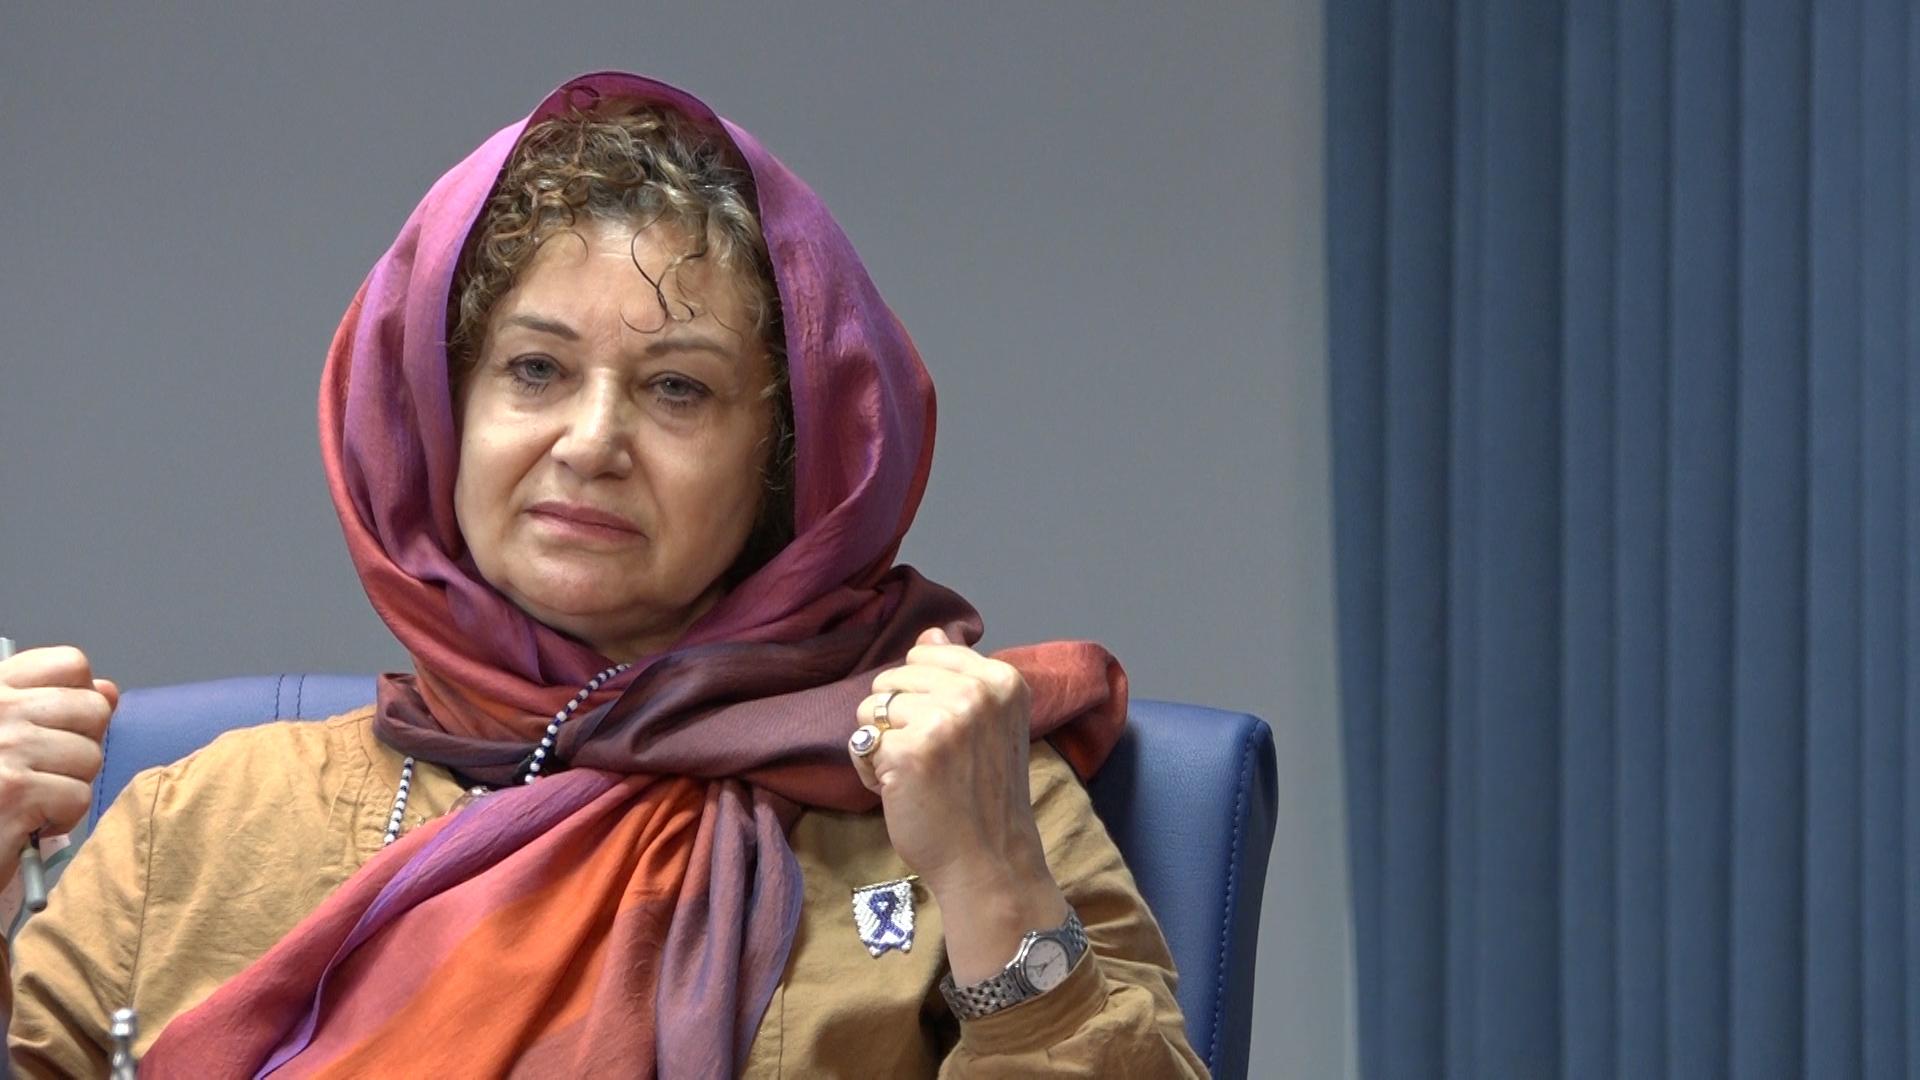 دولت بار خود را بر دوش دیگران نیندازد/ ایران برنامه ای برای کاهش فقر ندارد